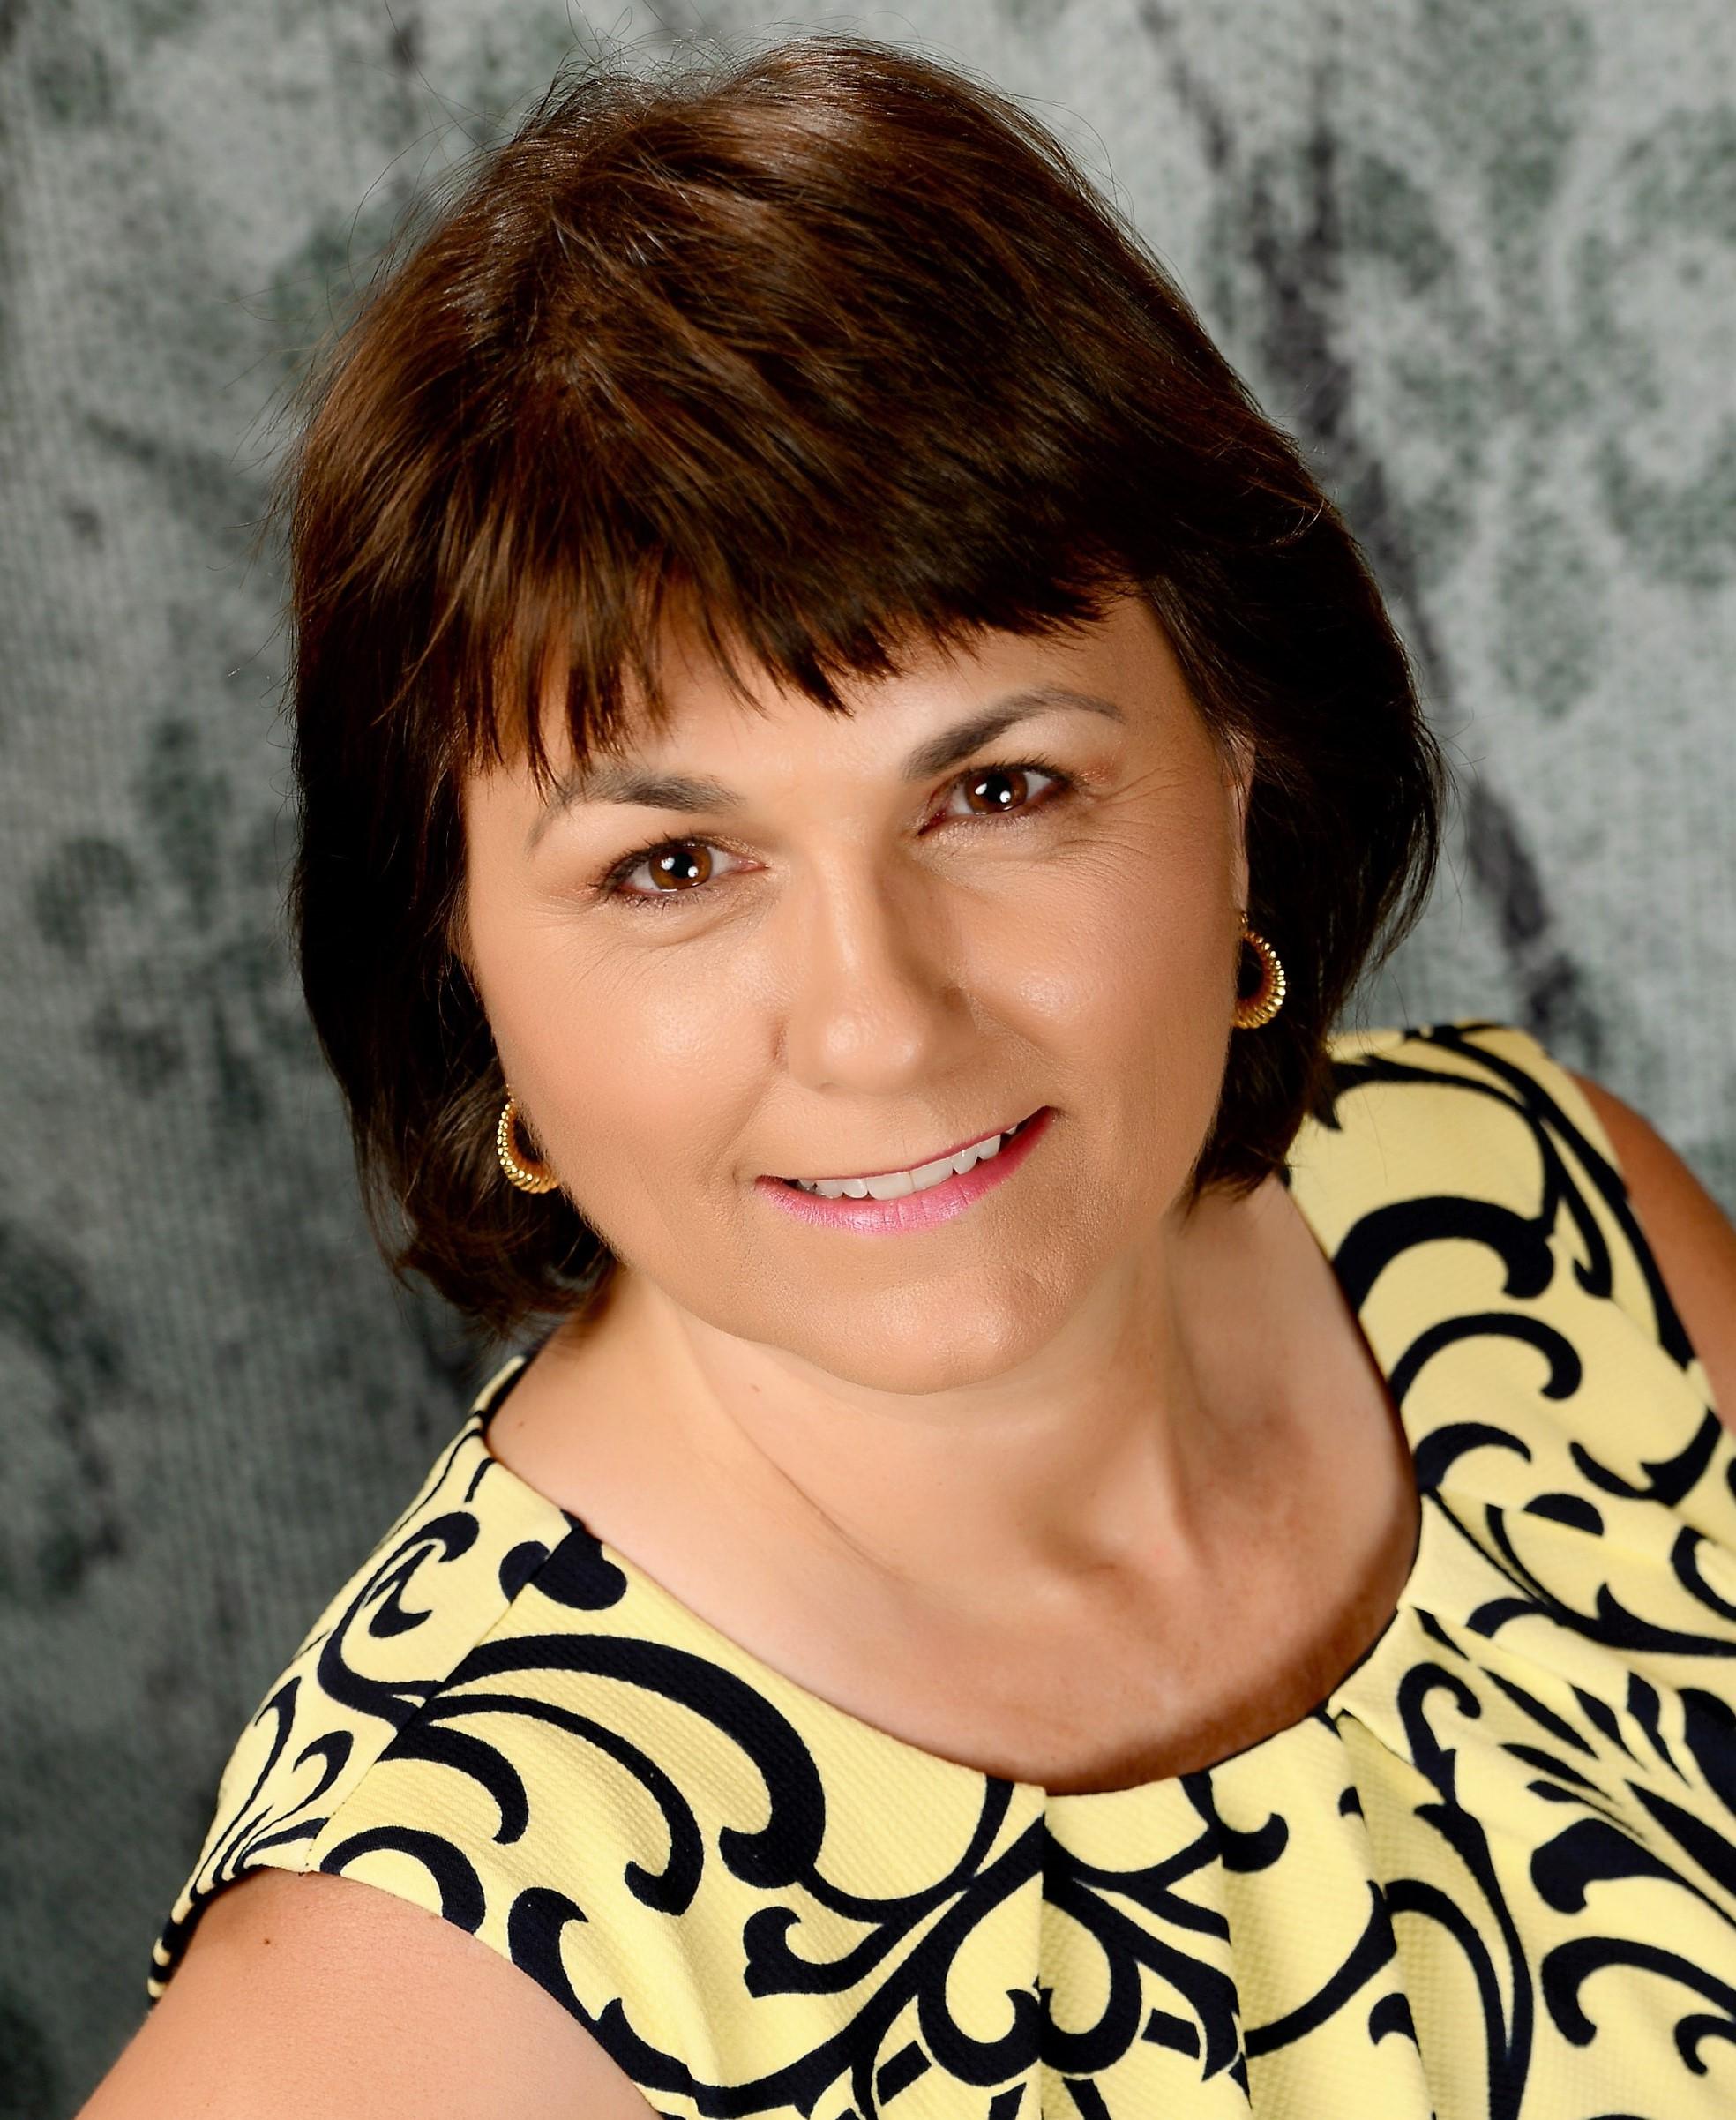 Karen C. Jaroch